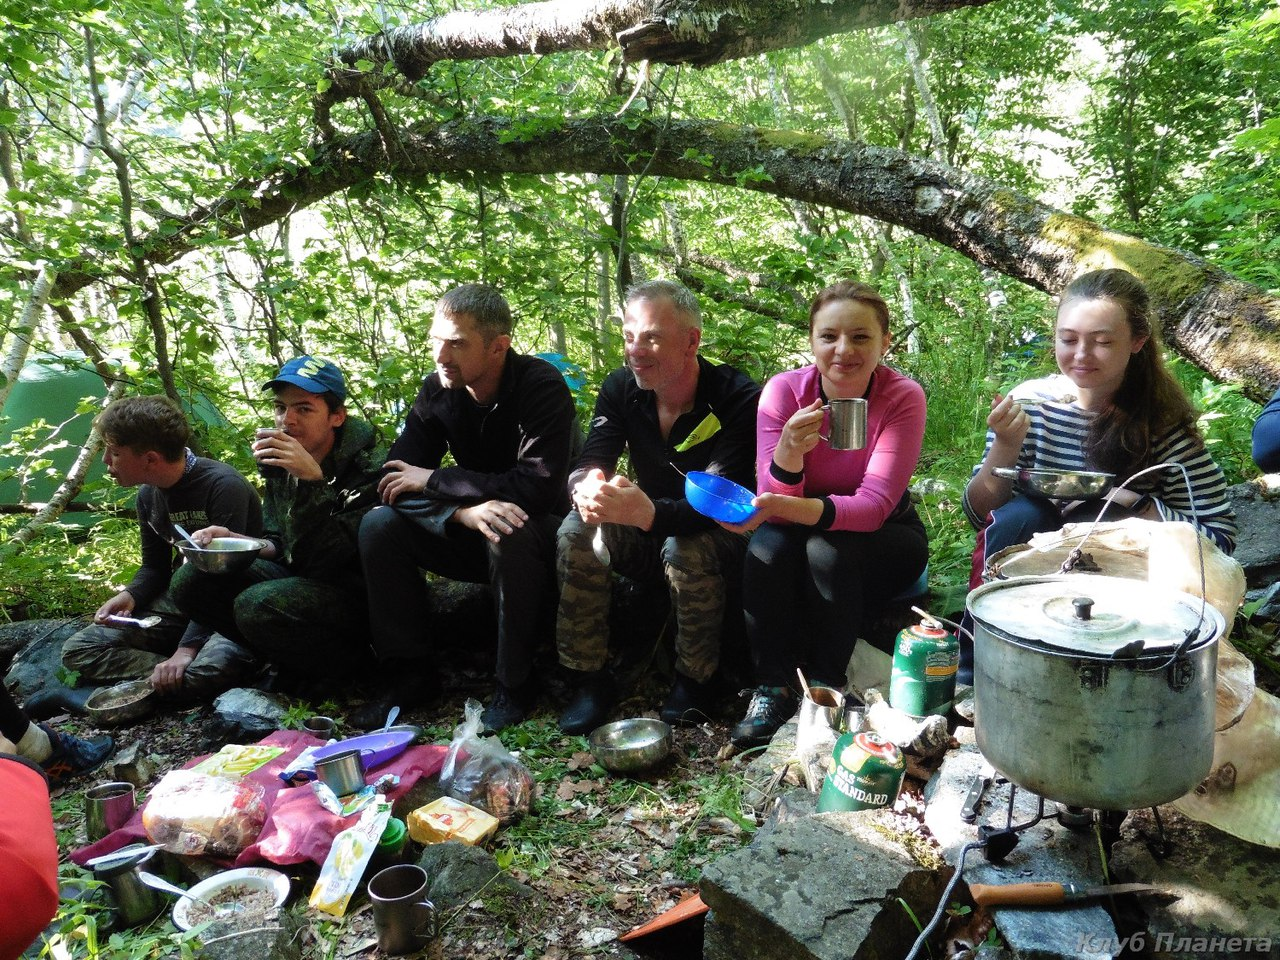 8 дней в Архызе или «Настоящая Единичка» Автор - Проскурина Светлана, участница группы!